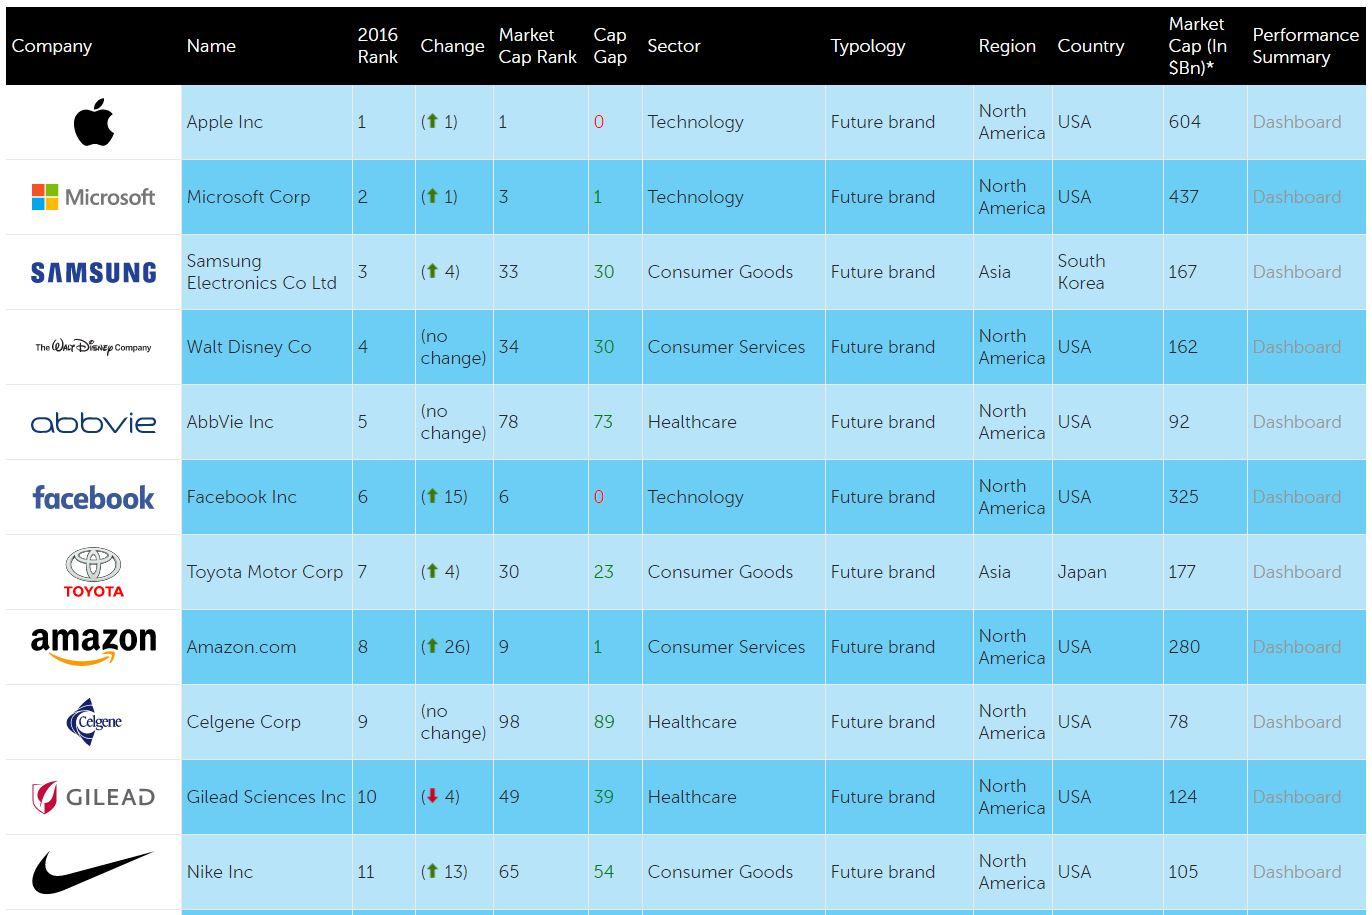 微软被评为全球第二大影响力公司-芊雅企服